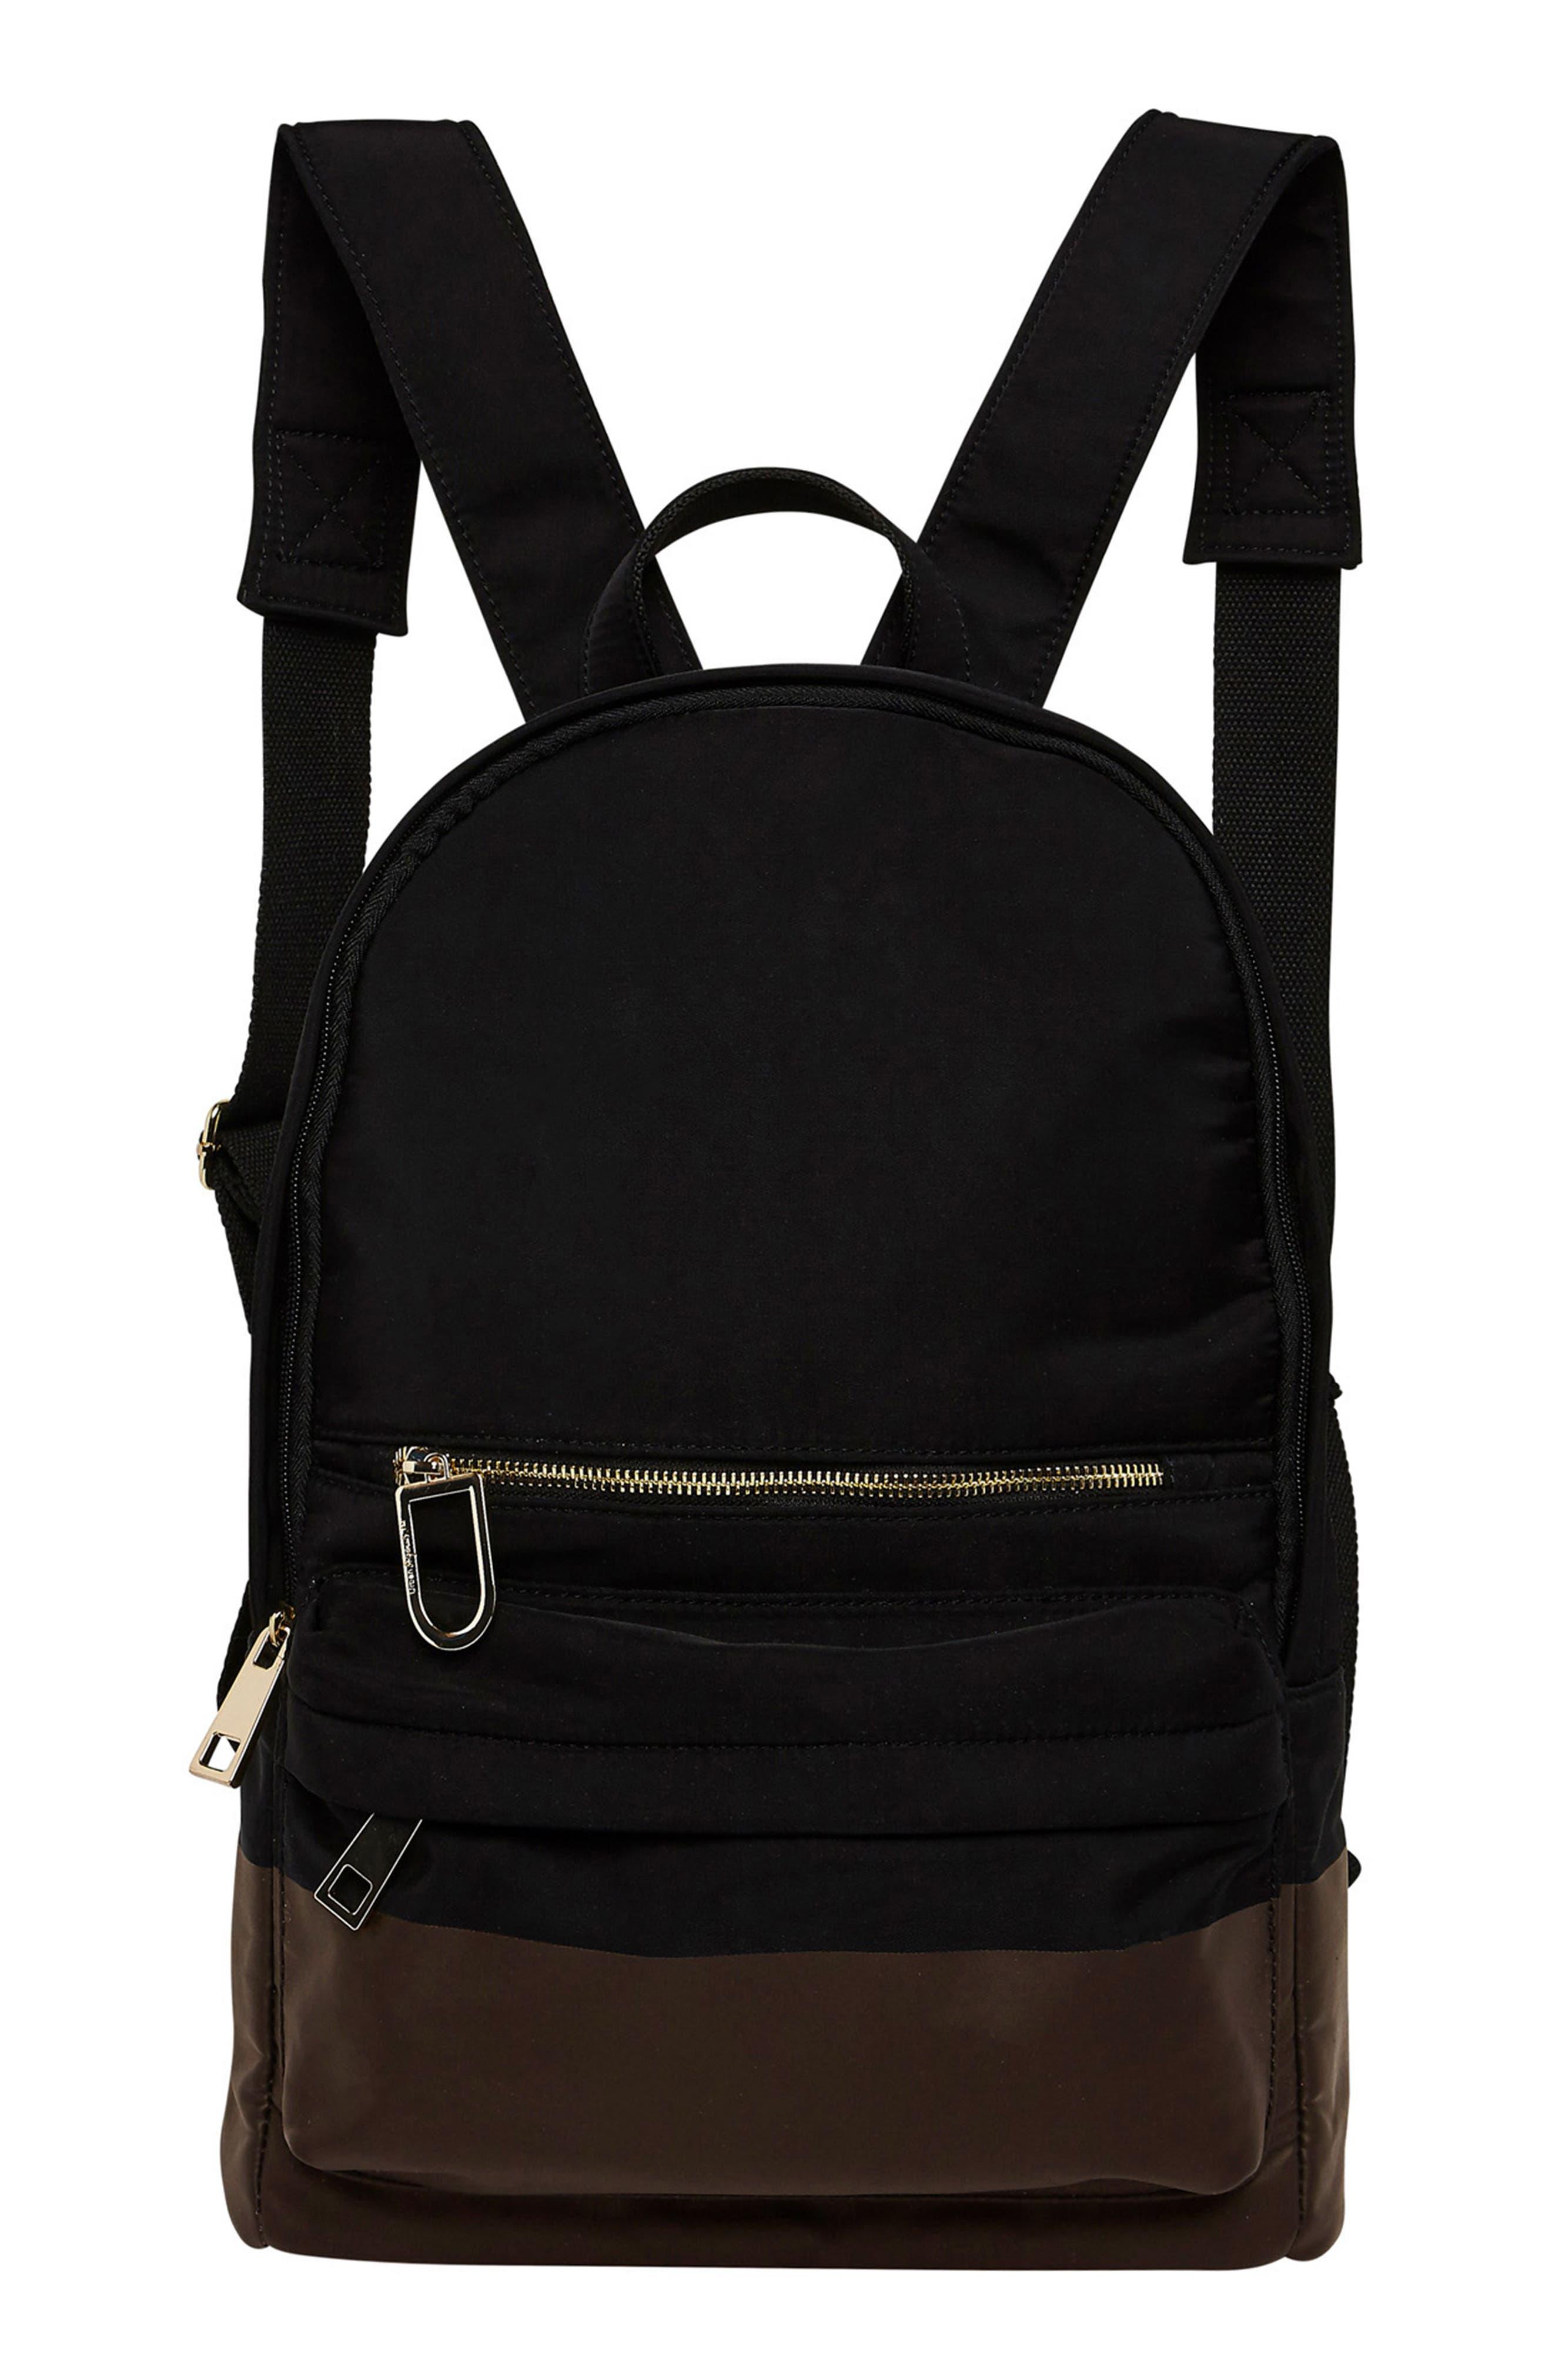 Alternate Image 1 Selected - Urban Originals Own Beat Vegan Leather Backpack